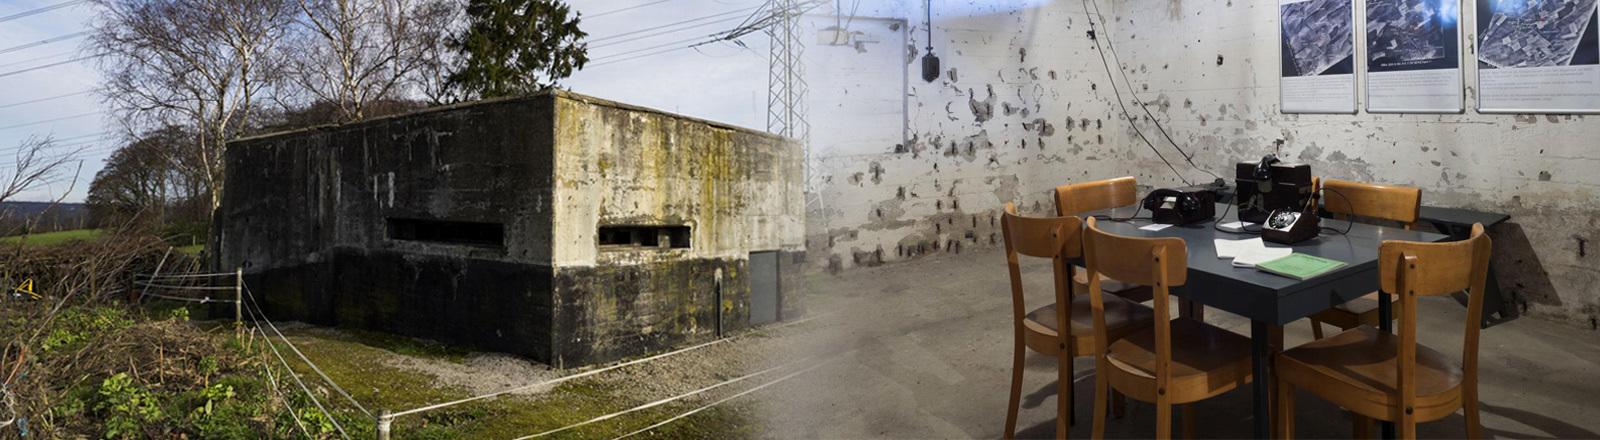 Collage: Bunker in Velbert von innen und außen